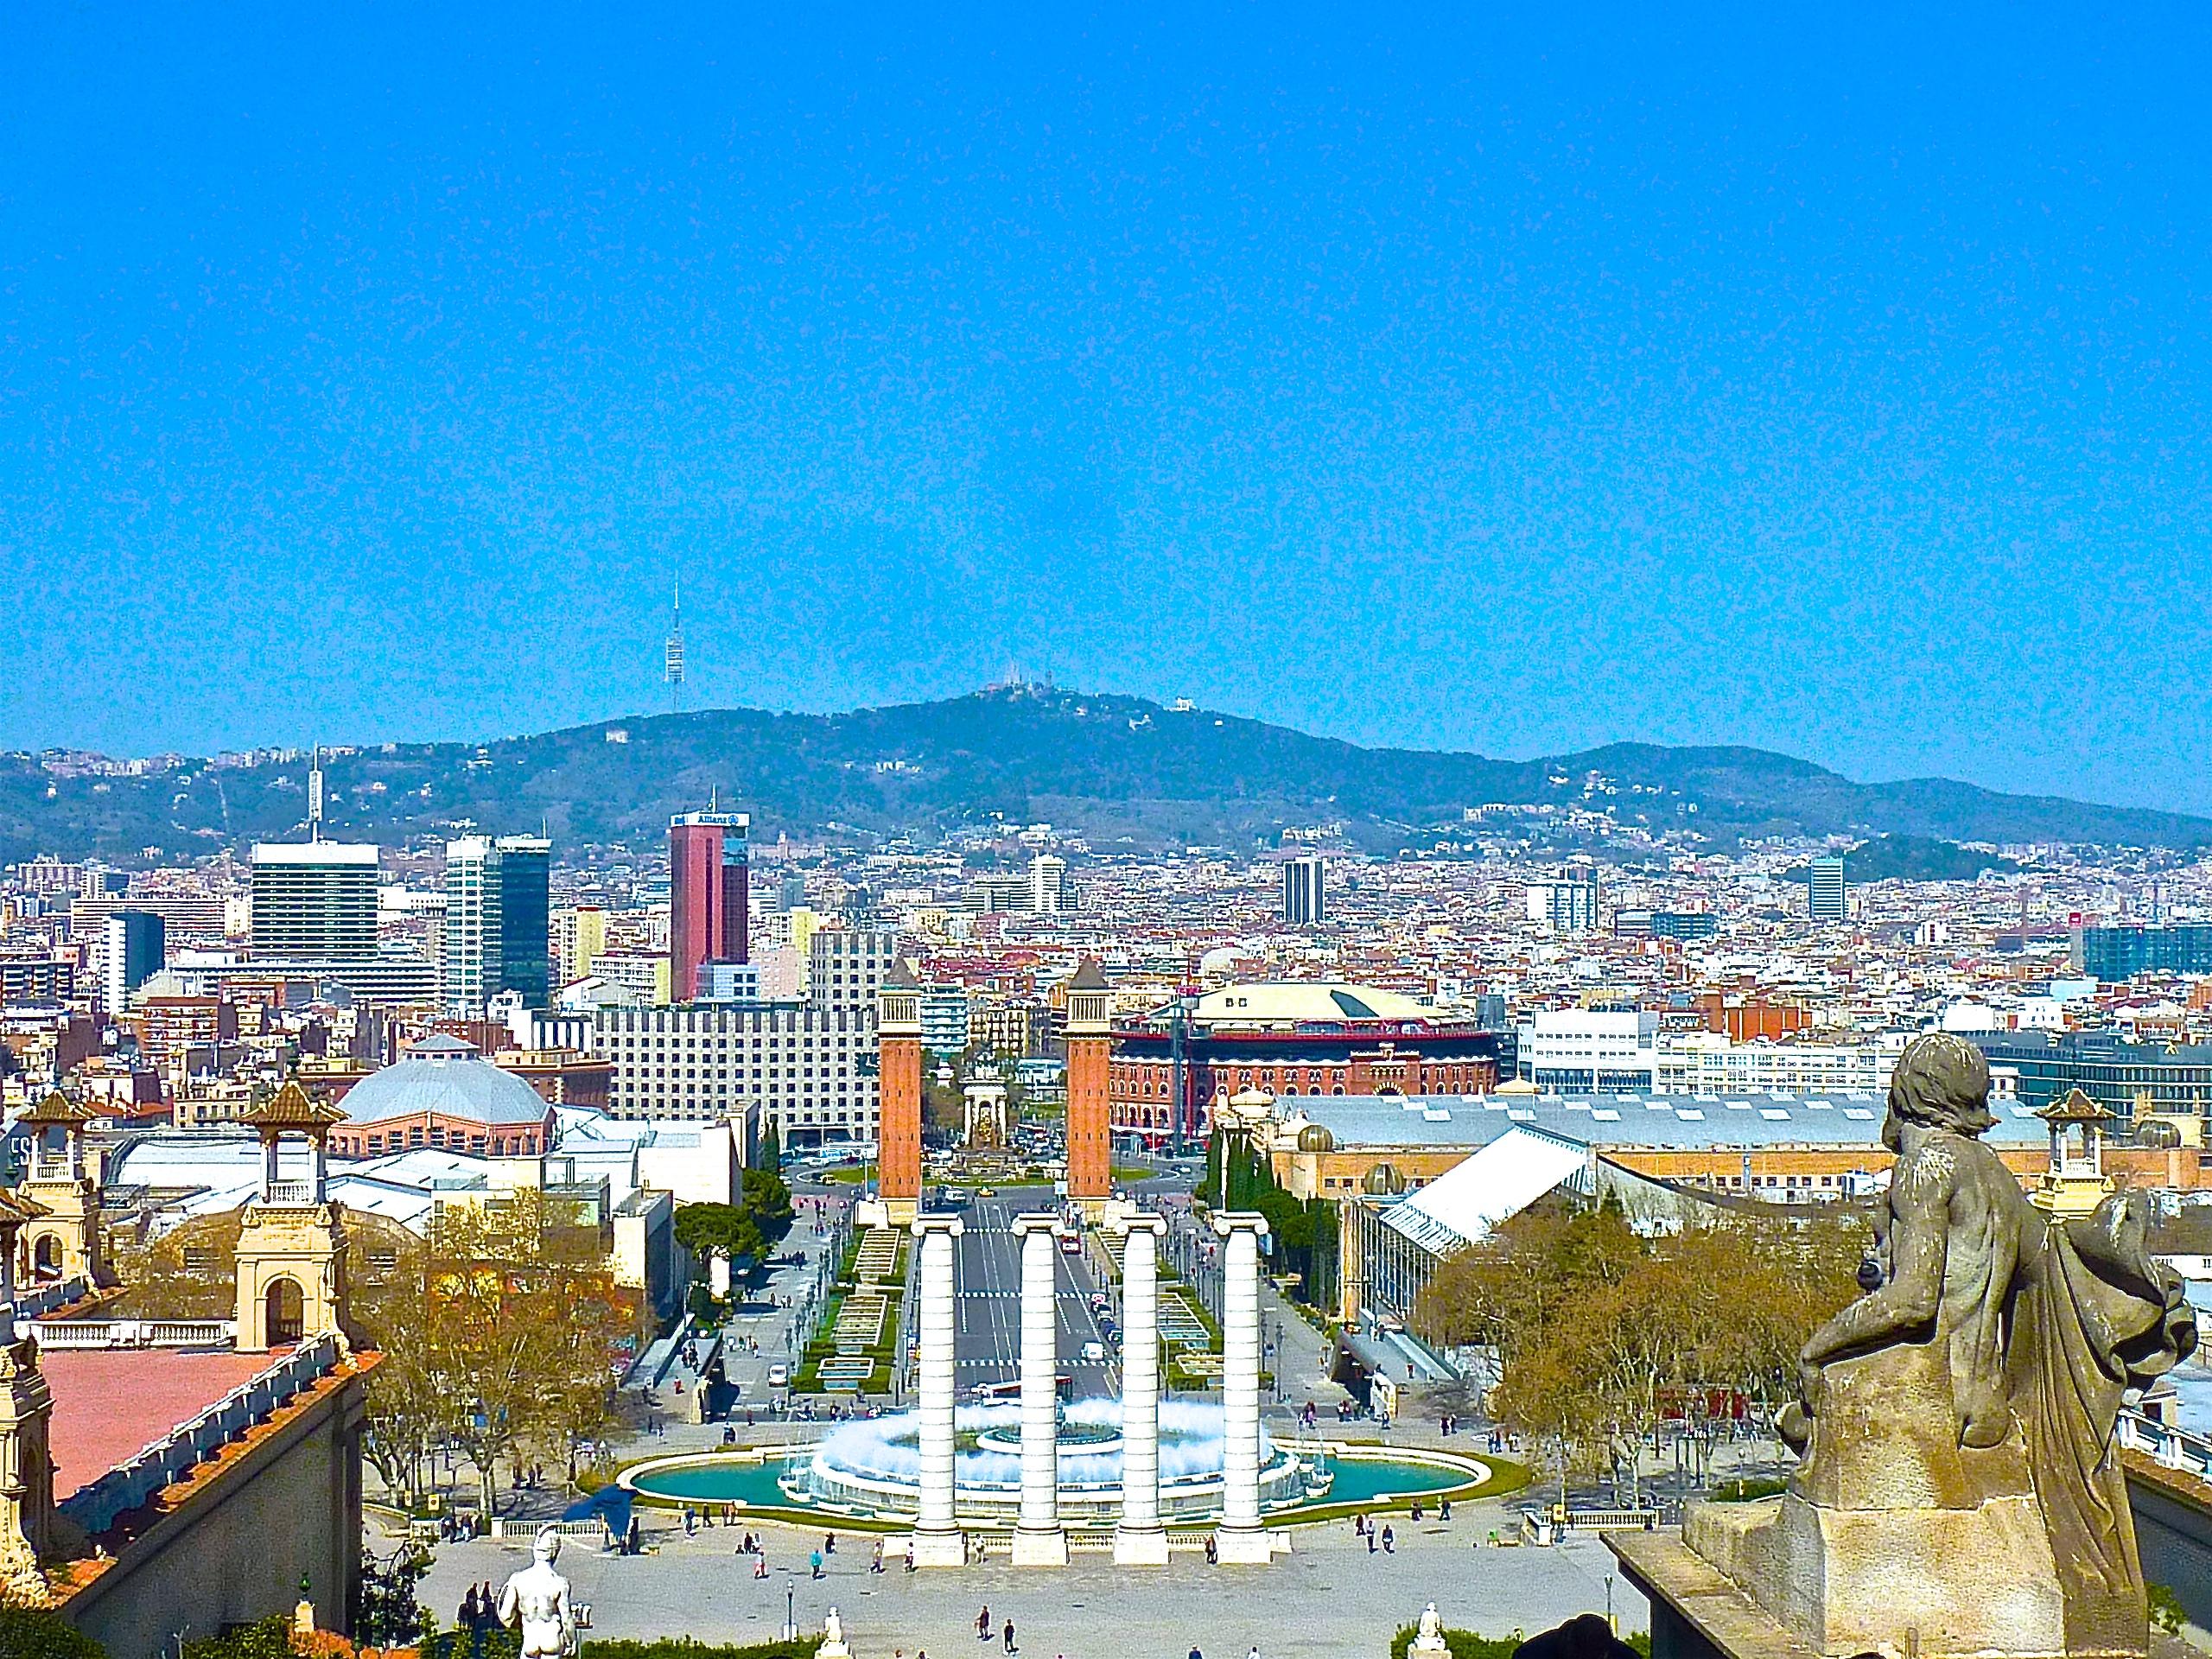 Barcelona, ciudad cateta: ¡cuidado al cruzar!